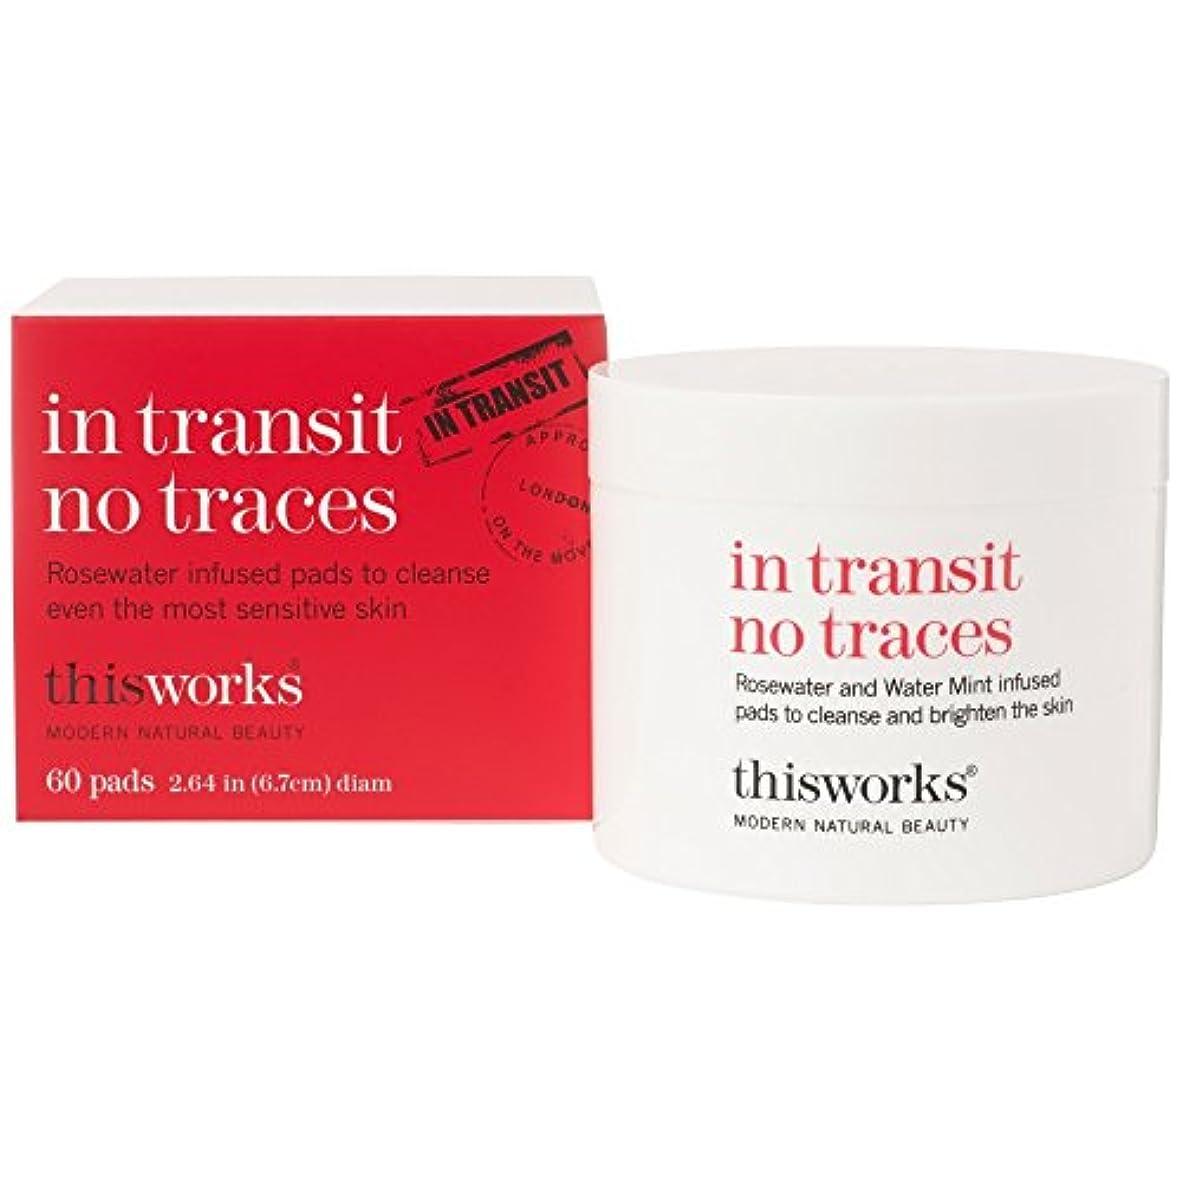 適用済み物思いにふけるこれらこれは、輸送中に痕跡、60パッドに動作しません (This Works) (x2) - This Works In Transit No Traces, 60 Pads (Pack of 2) [並行輸入品]